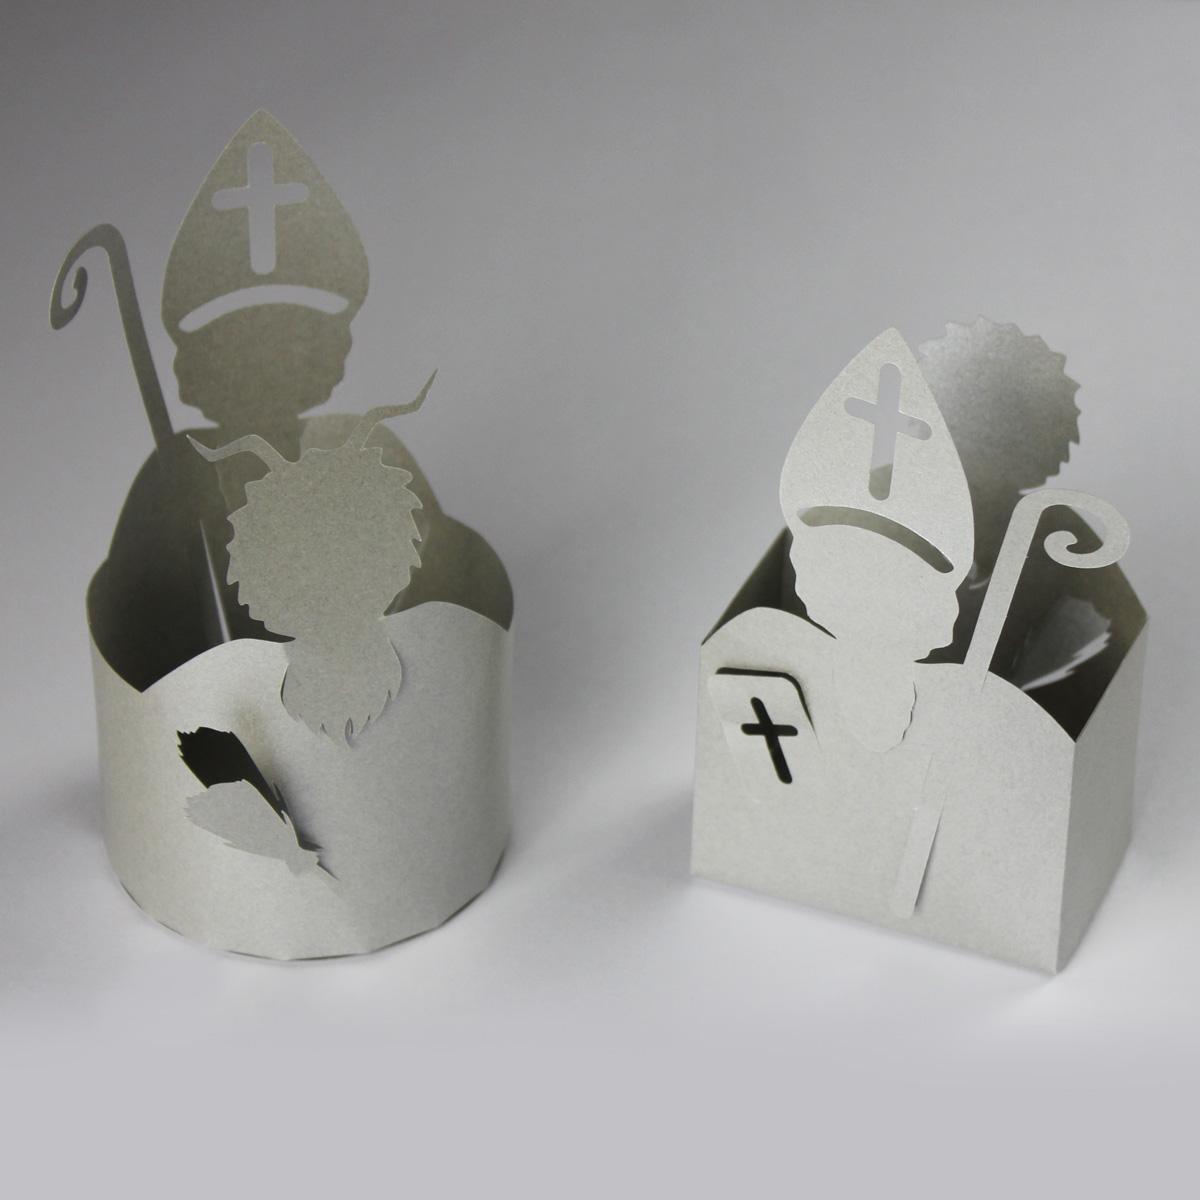 Geplottete Nikolauskörbchen aus Papier